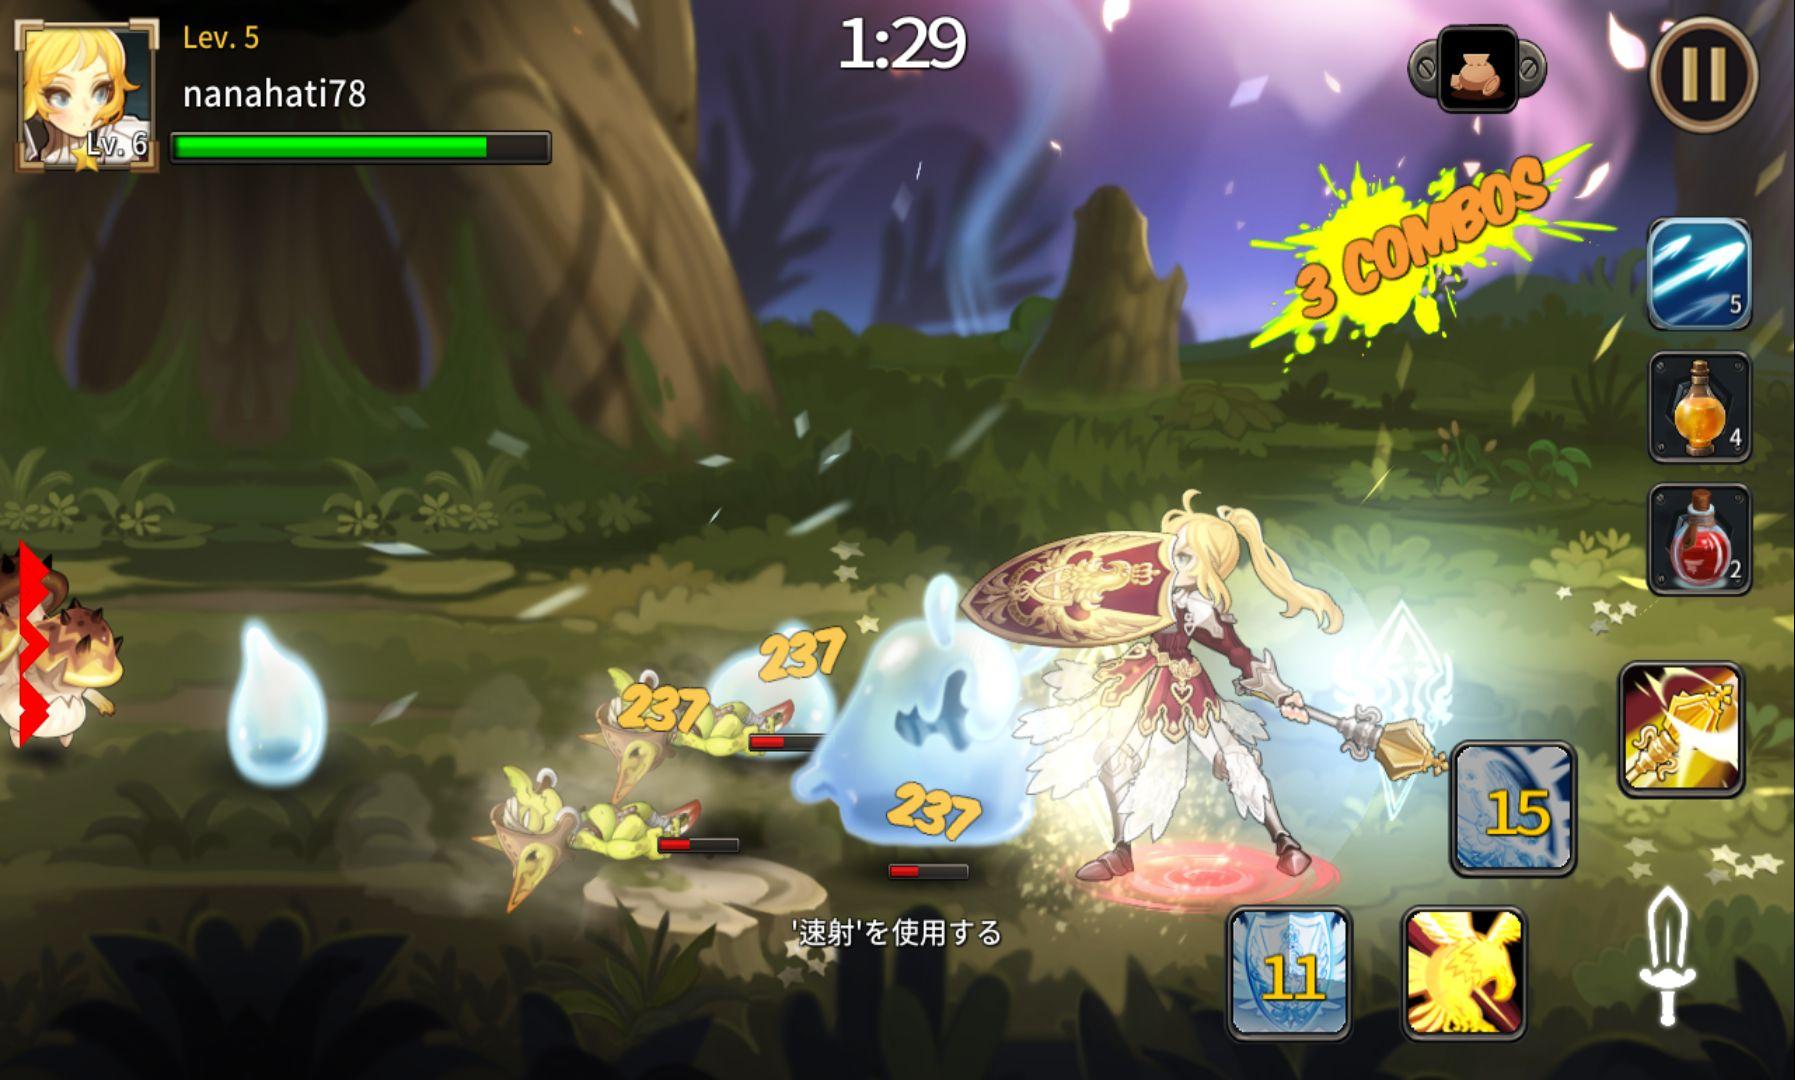 バトルクラッシャー(Battle Crasher : Heroes) androidアプリスクリーンショット1